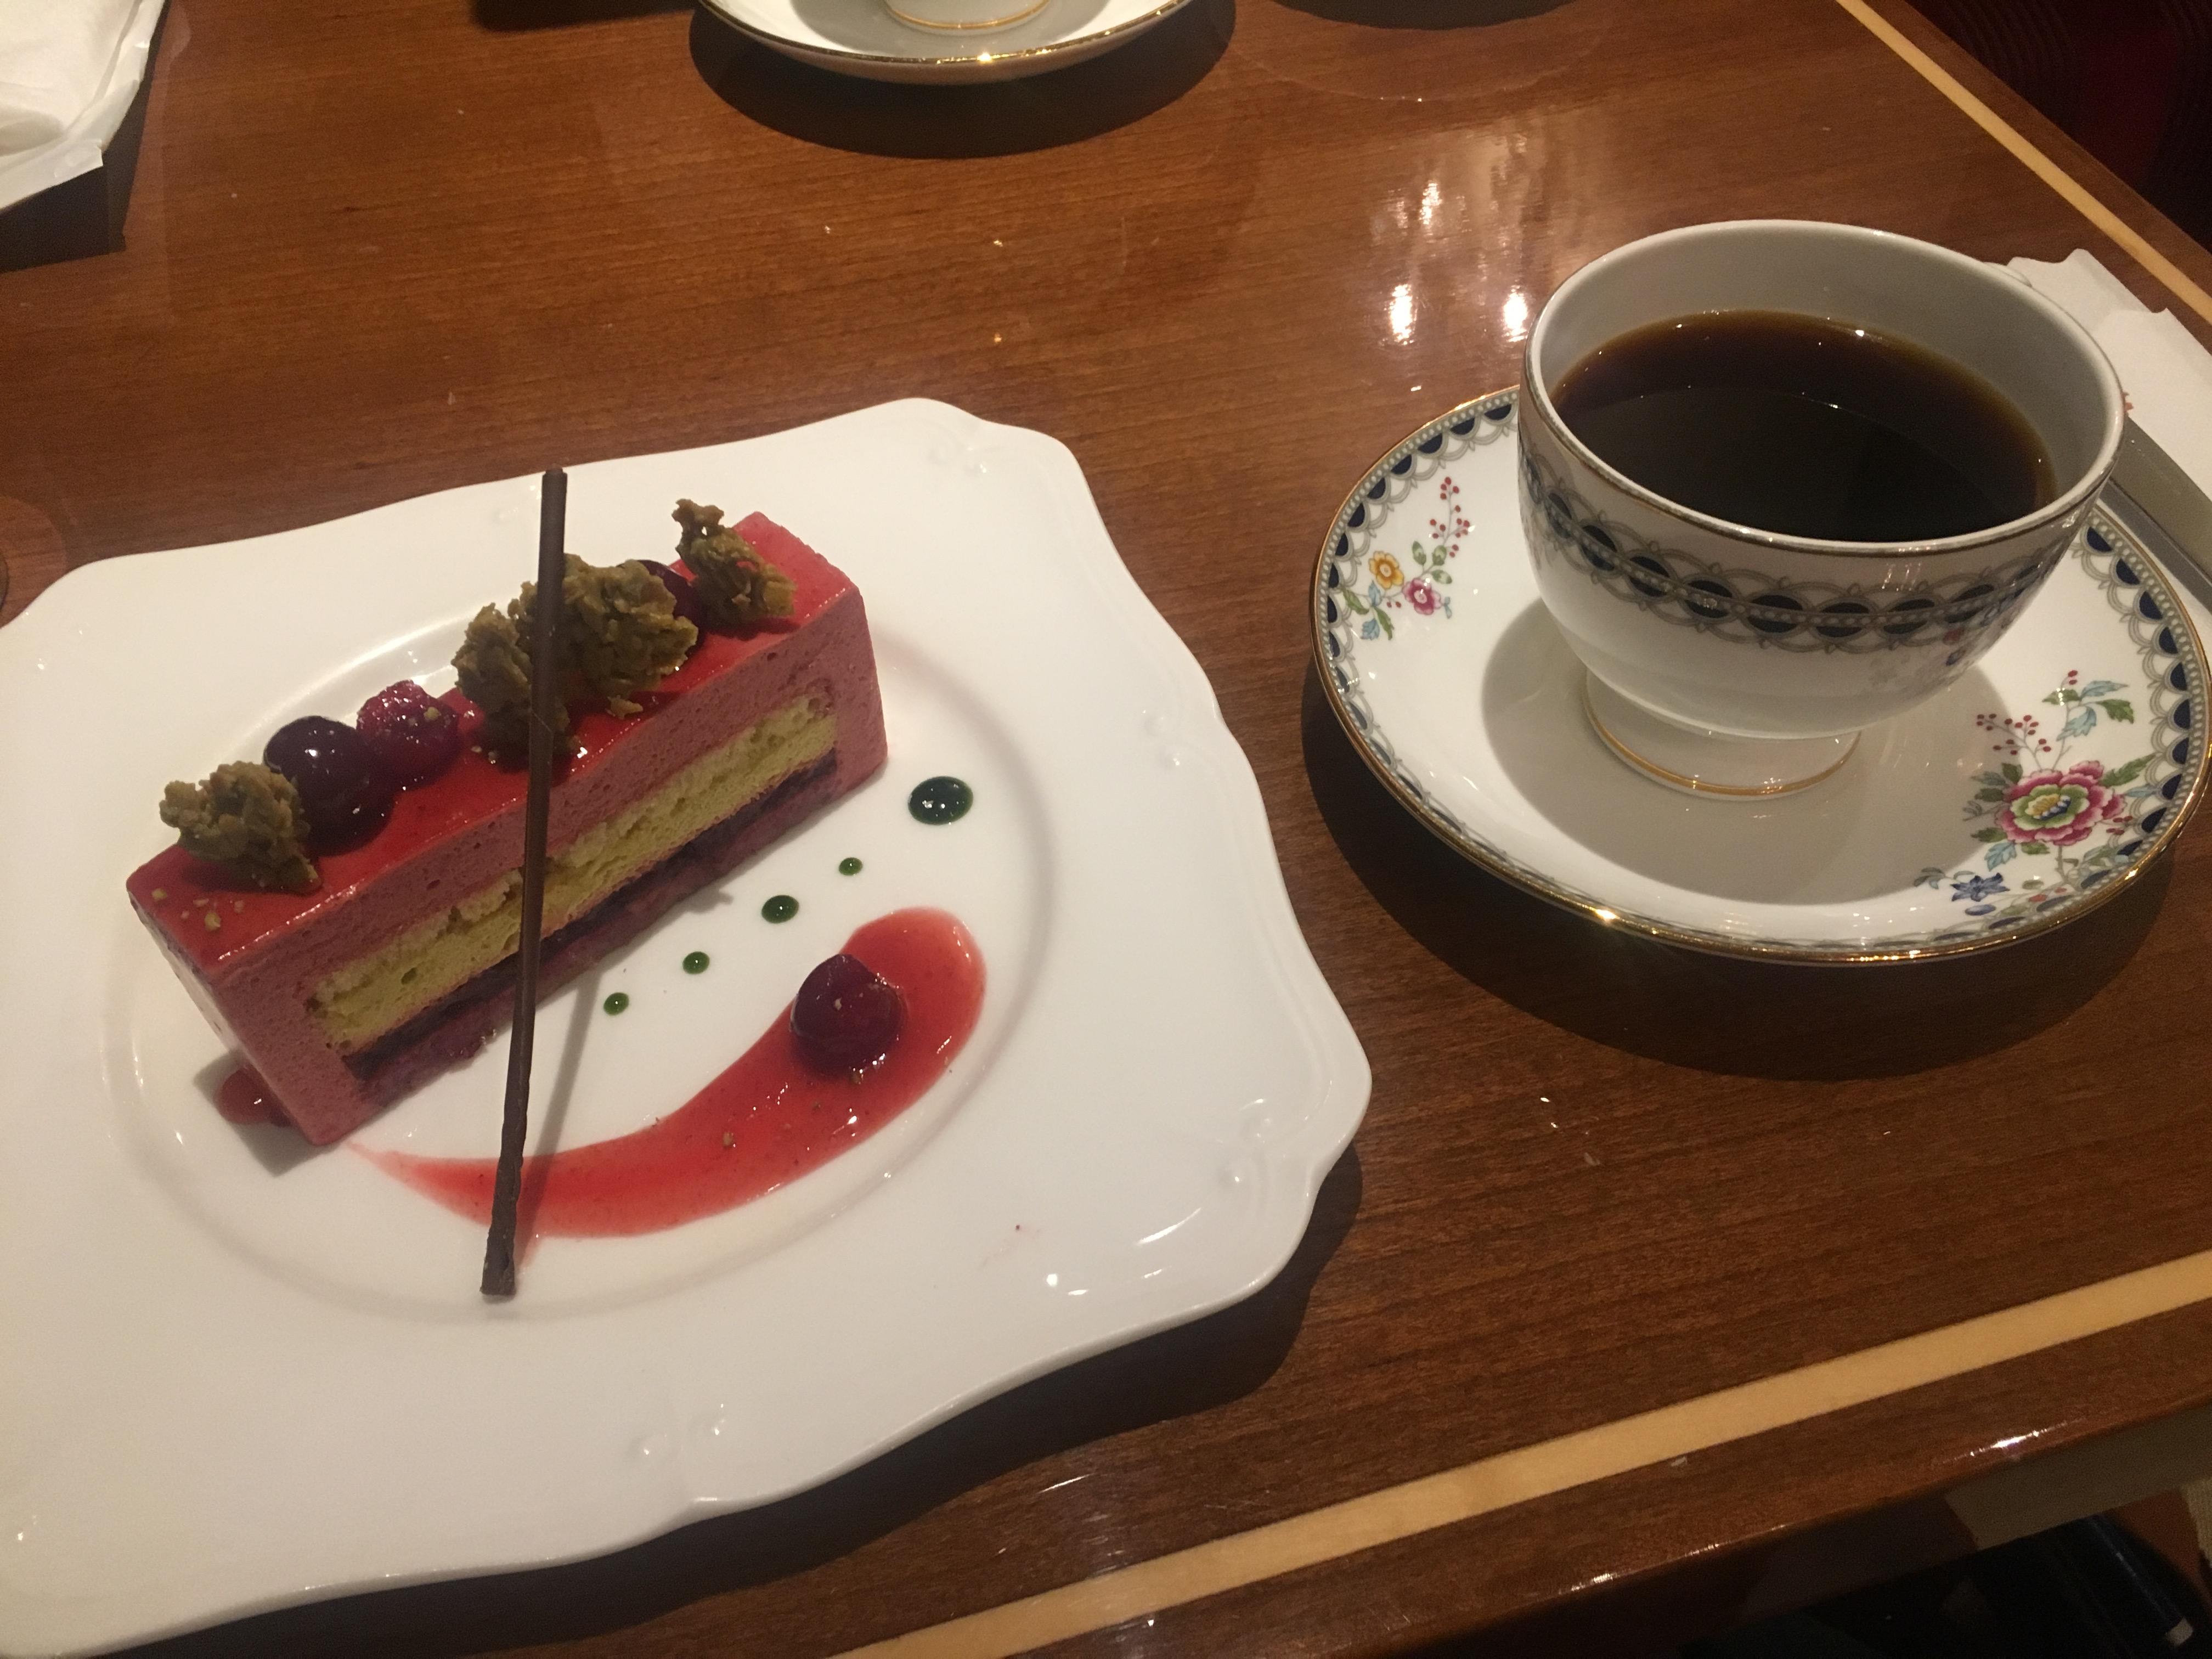 カフェ⭐︎食後にちょっとゆっくりしたい!という時に行くお店4選@新宿